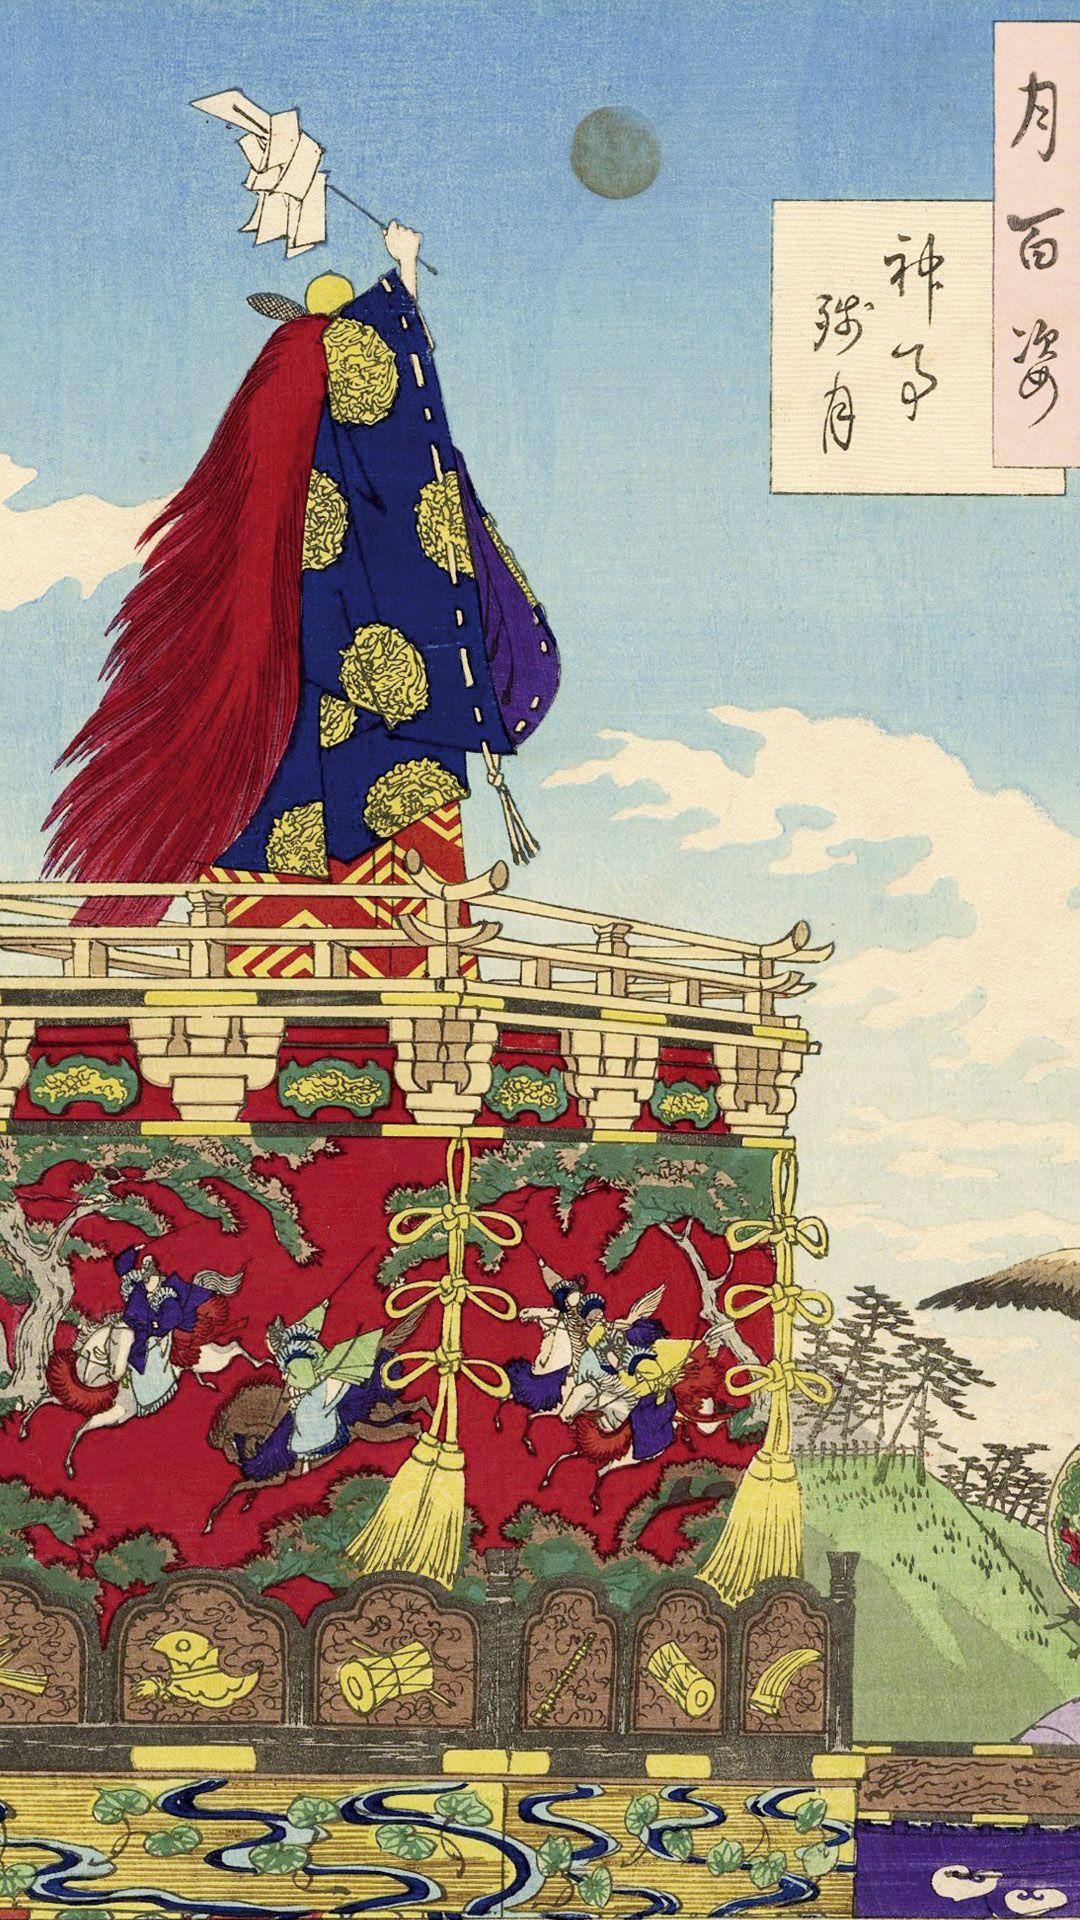 月岡芳年 月百姿 神事残月 旧山王祭 画像あり 月岡 日本画 壁紙